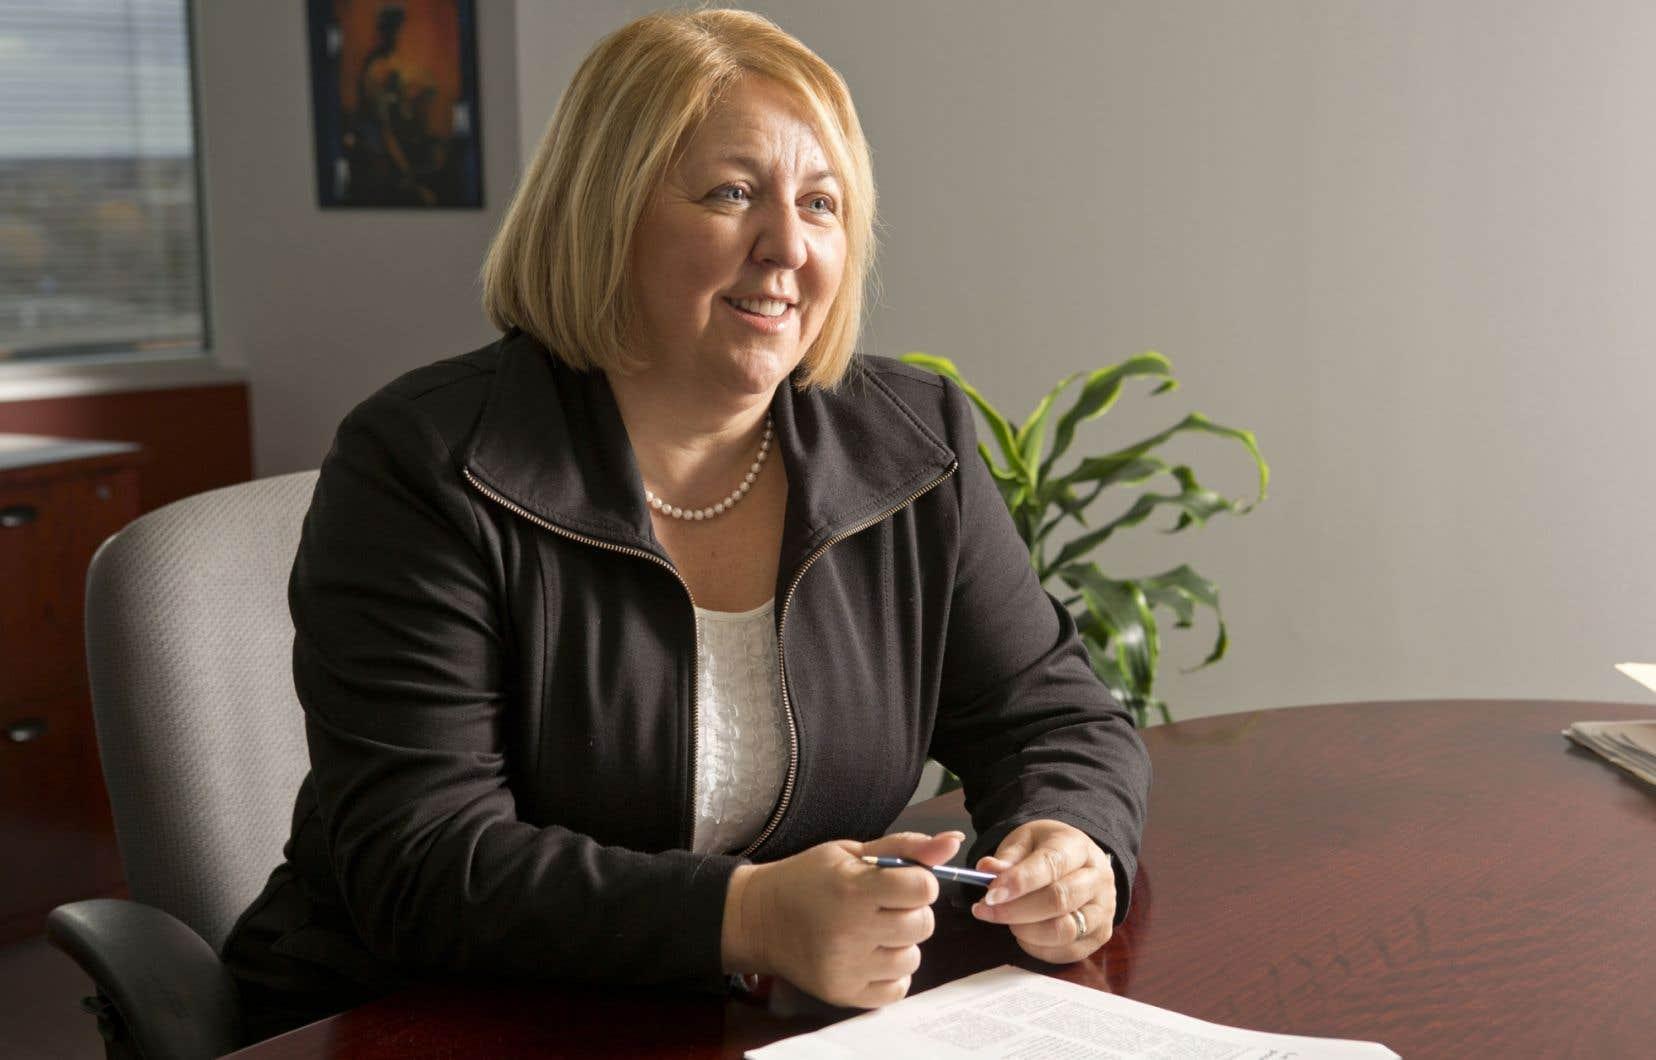 Carole Dubé croit que les coupes dans les budgets de santé et services sociaux vont affecter les services.